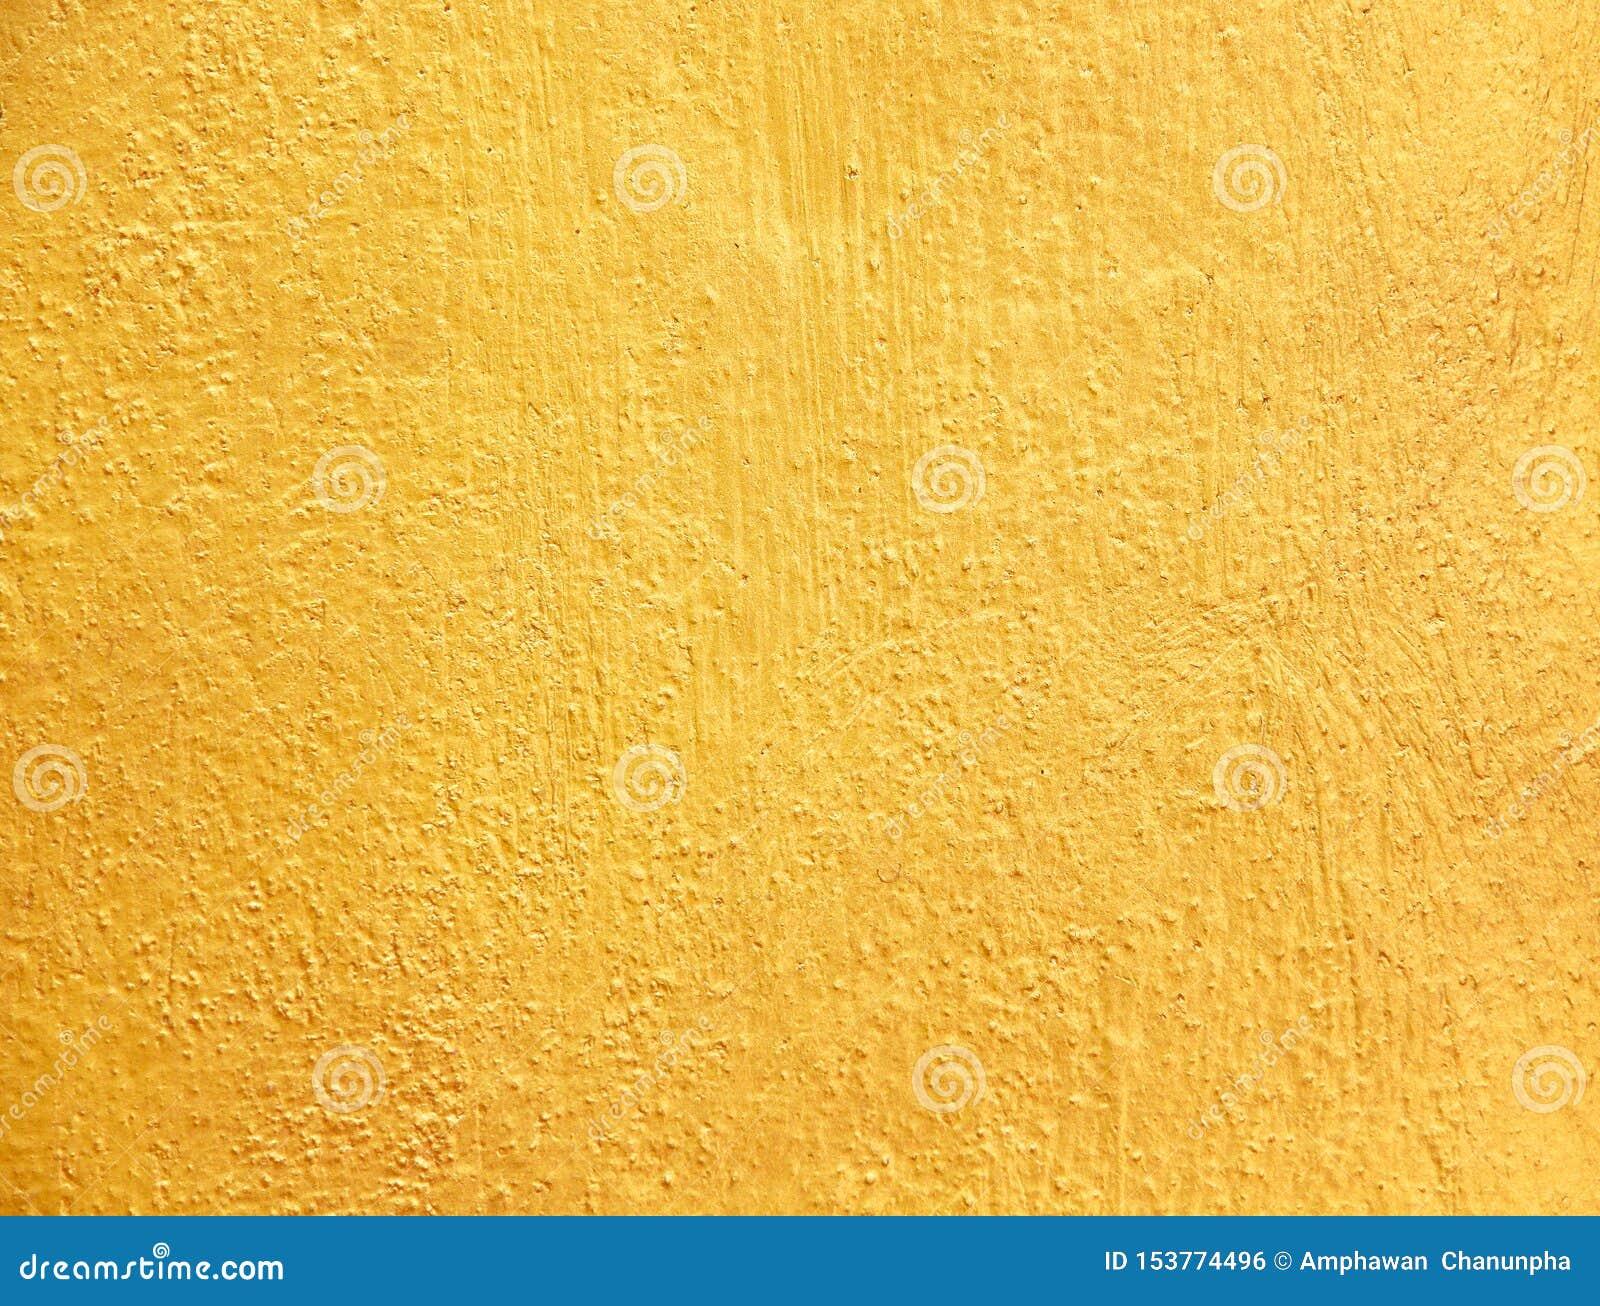 背景的金混凝土墙摘要老纹理概略的样式